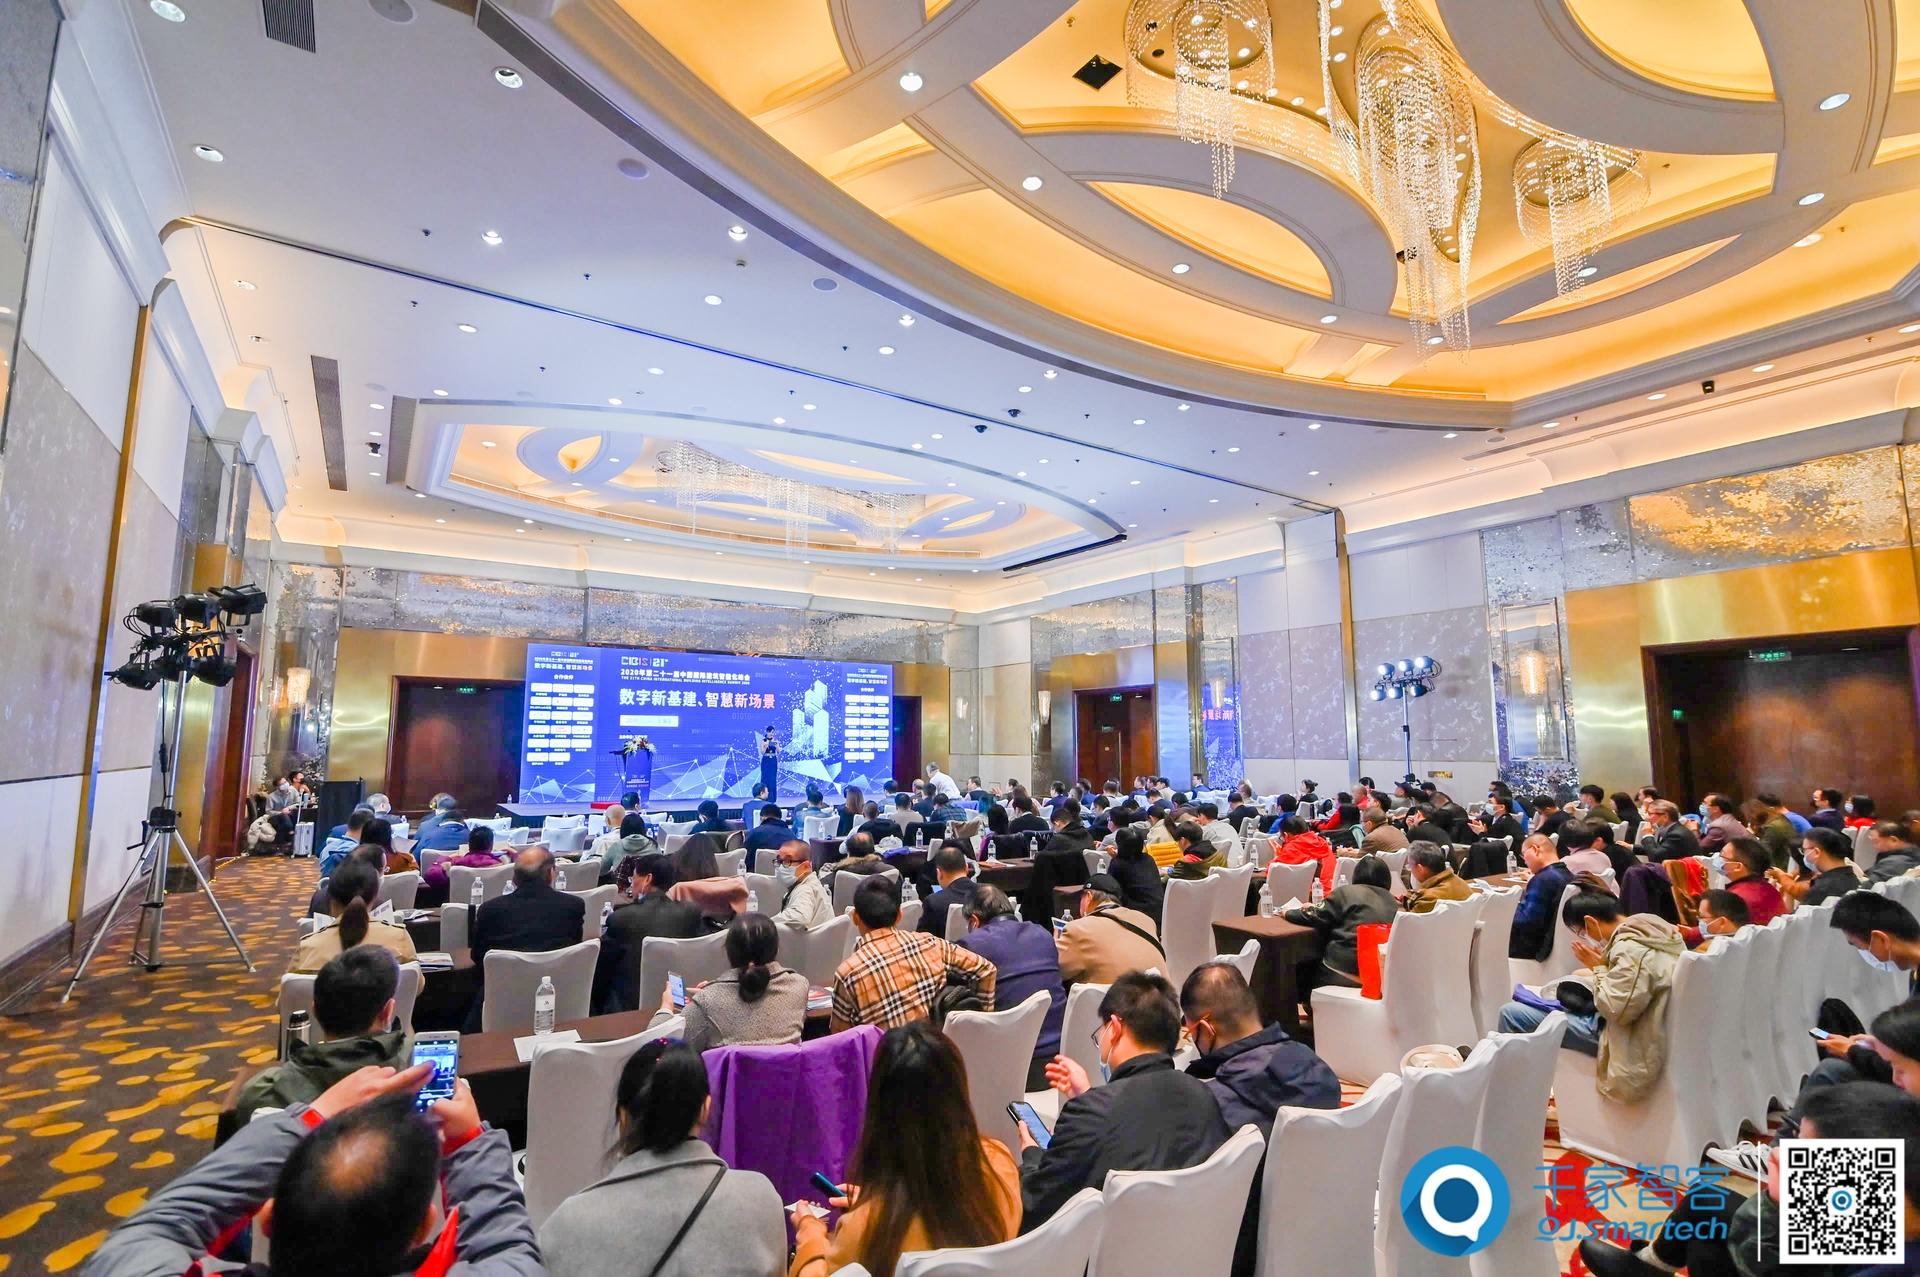 智慧新动能——第二十一届中国国际建筑智能化峰会,闪耀上海